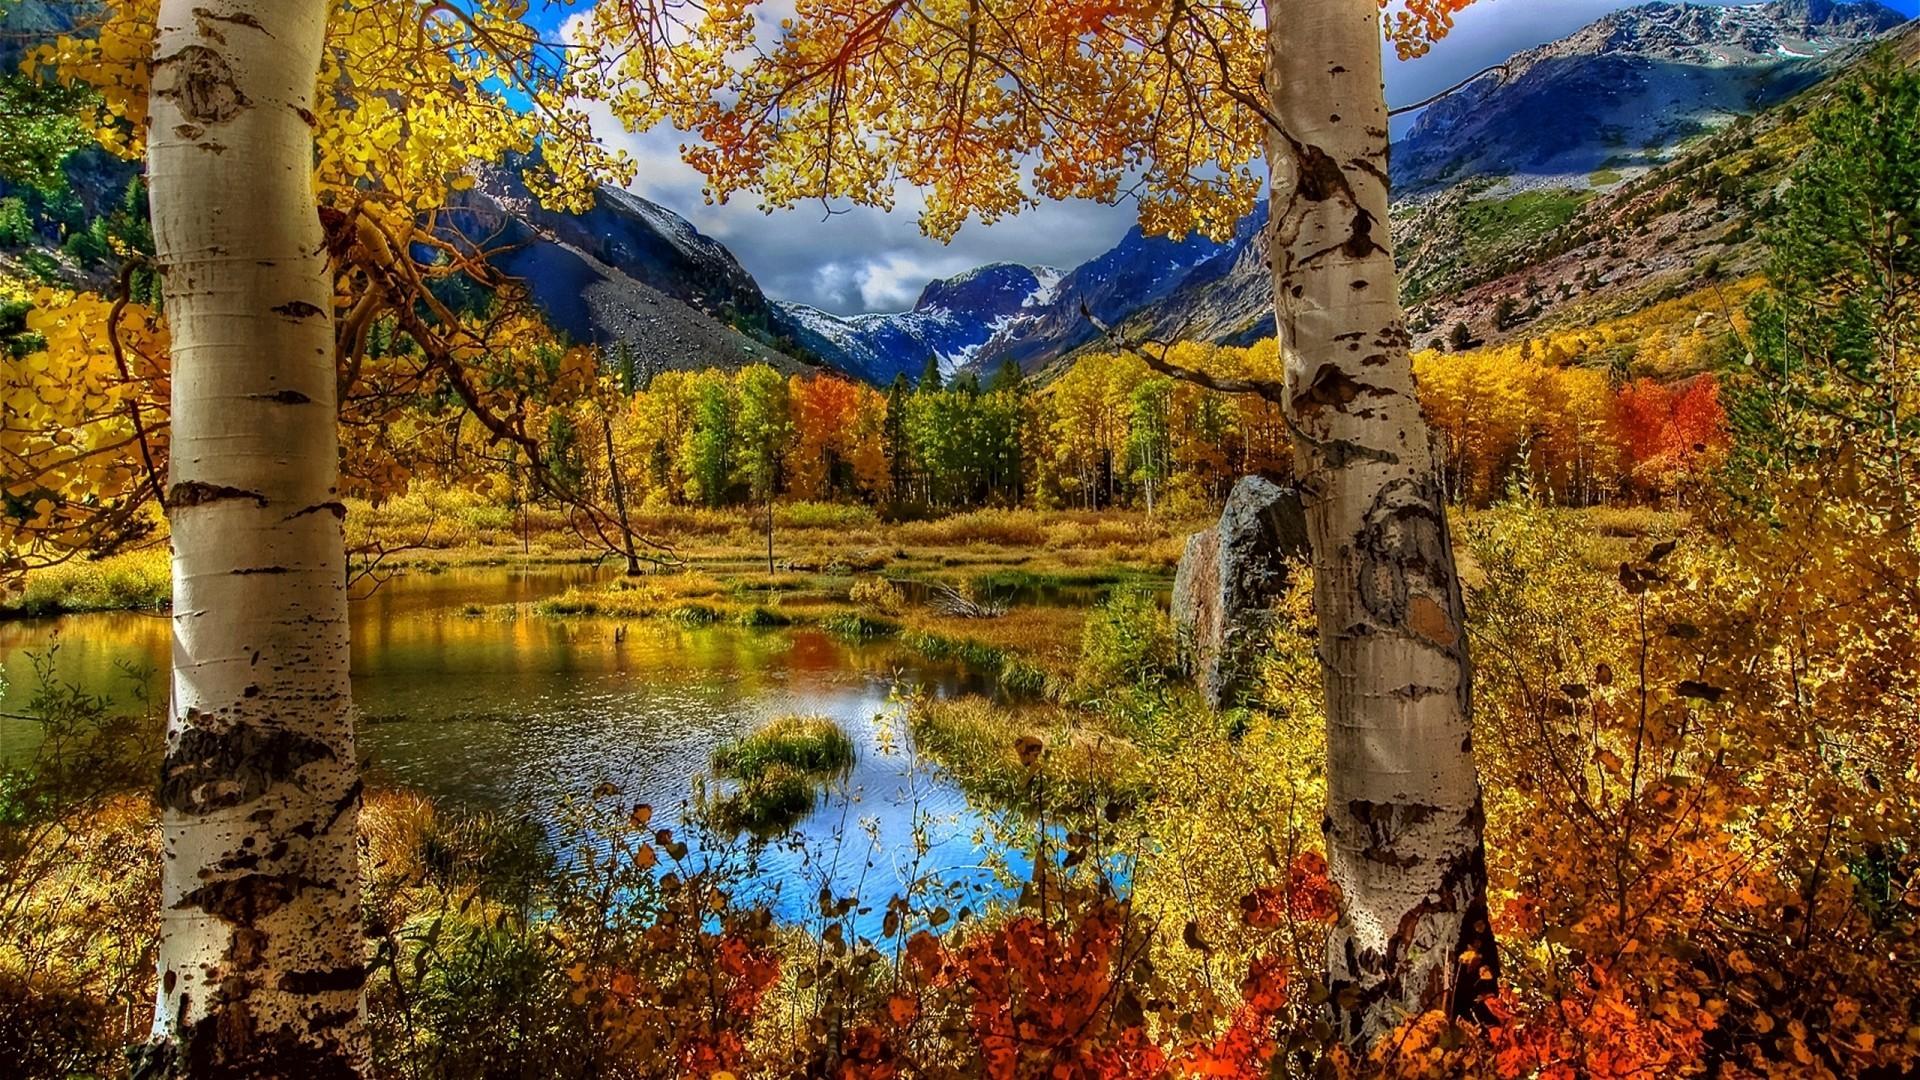 Mountain forest Nature HD desktop wallpaper, Tree wallpaper, Mountain  wallpaper, Forest wallpaper, Pond wallpaper – Nature no.